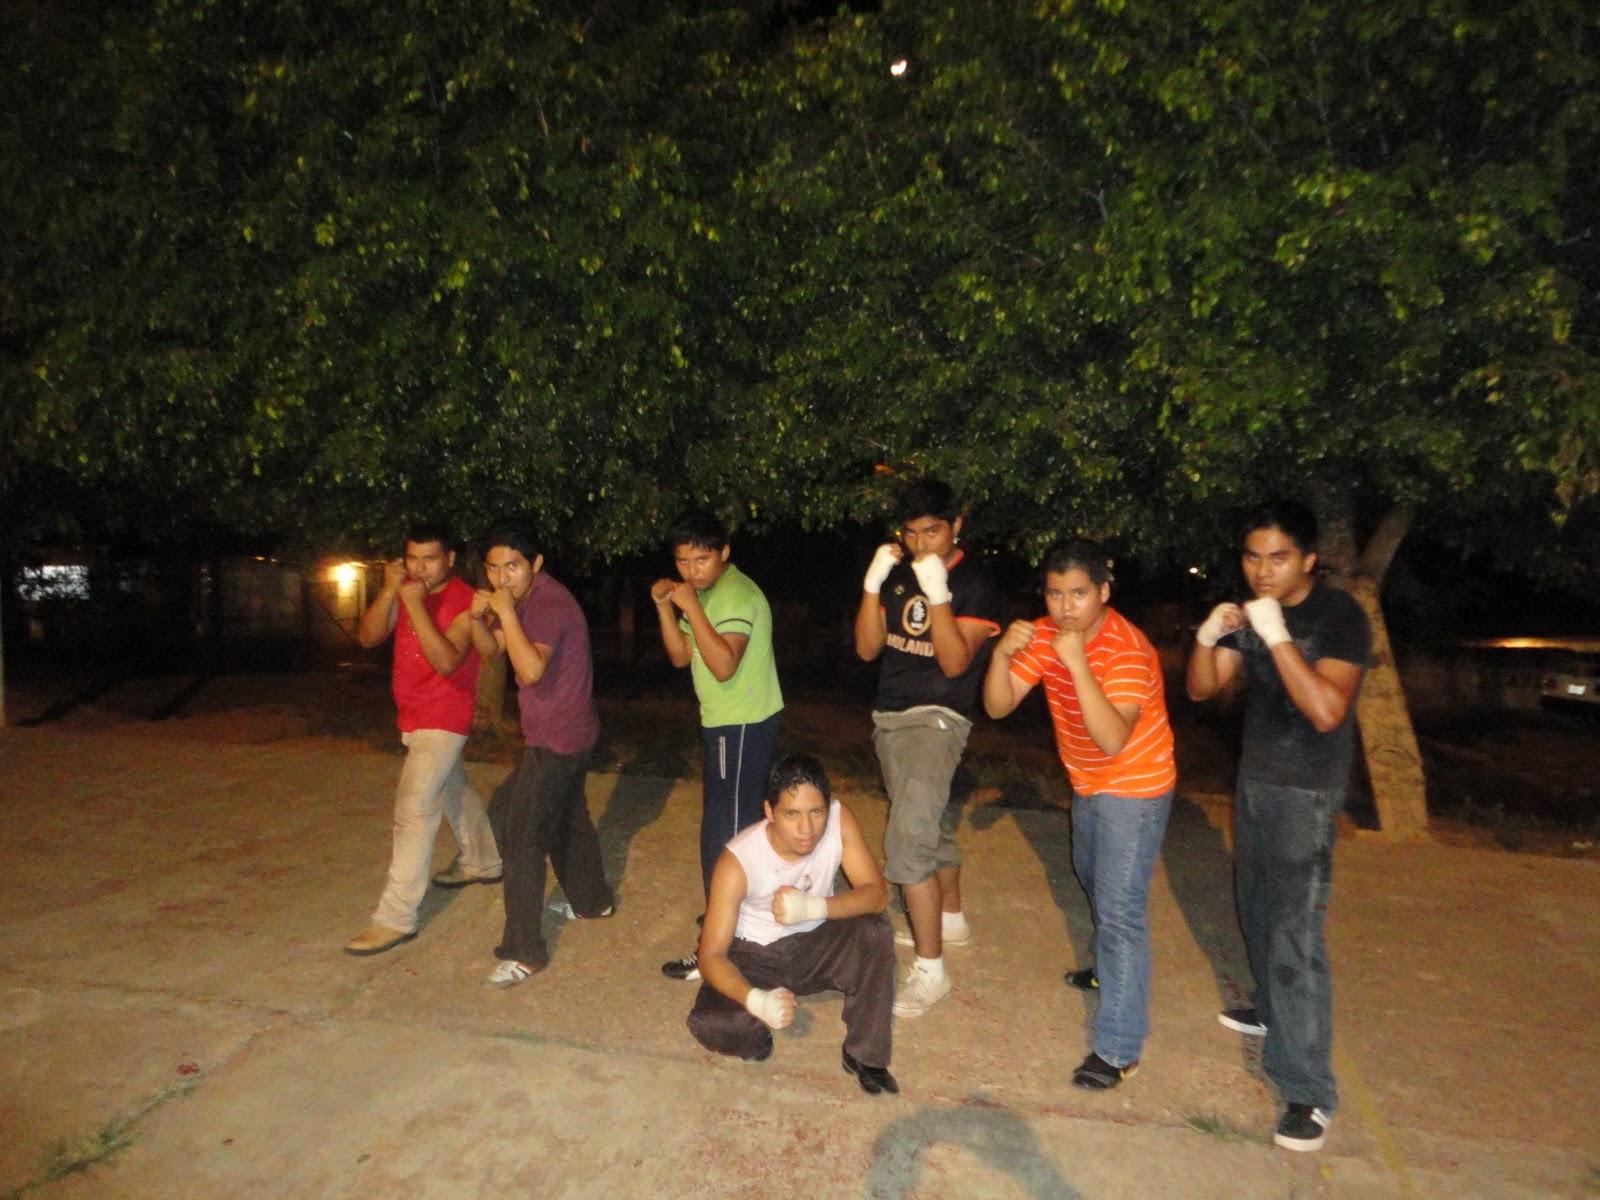 Gimnasio de boxeo el zurdo boxeadores for Gimnasio de boxeo